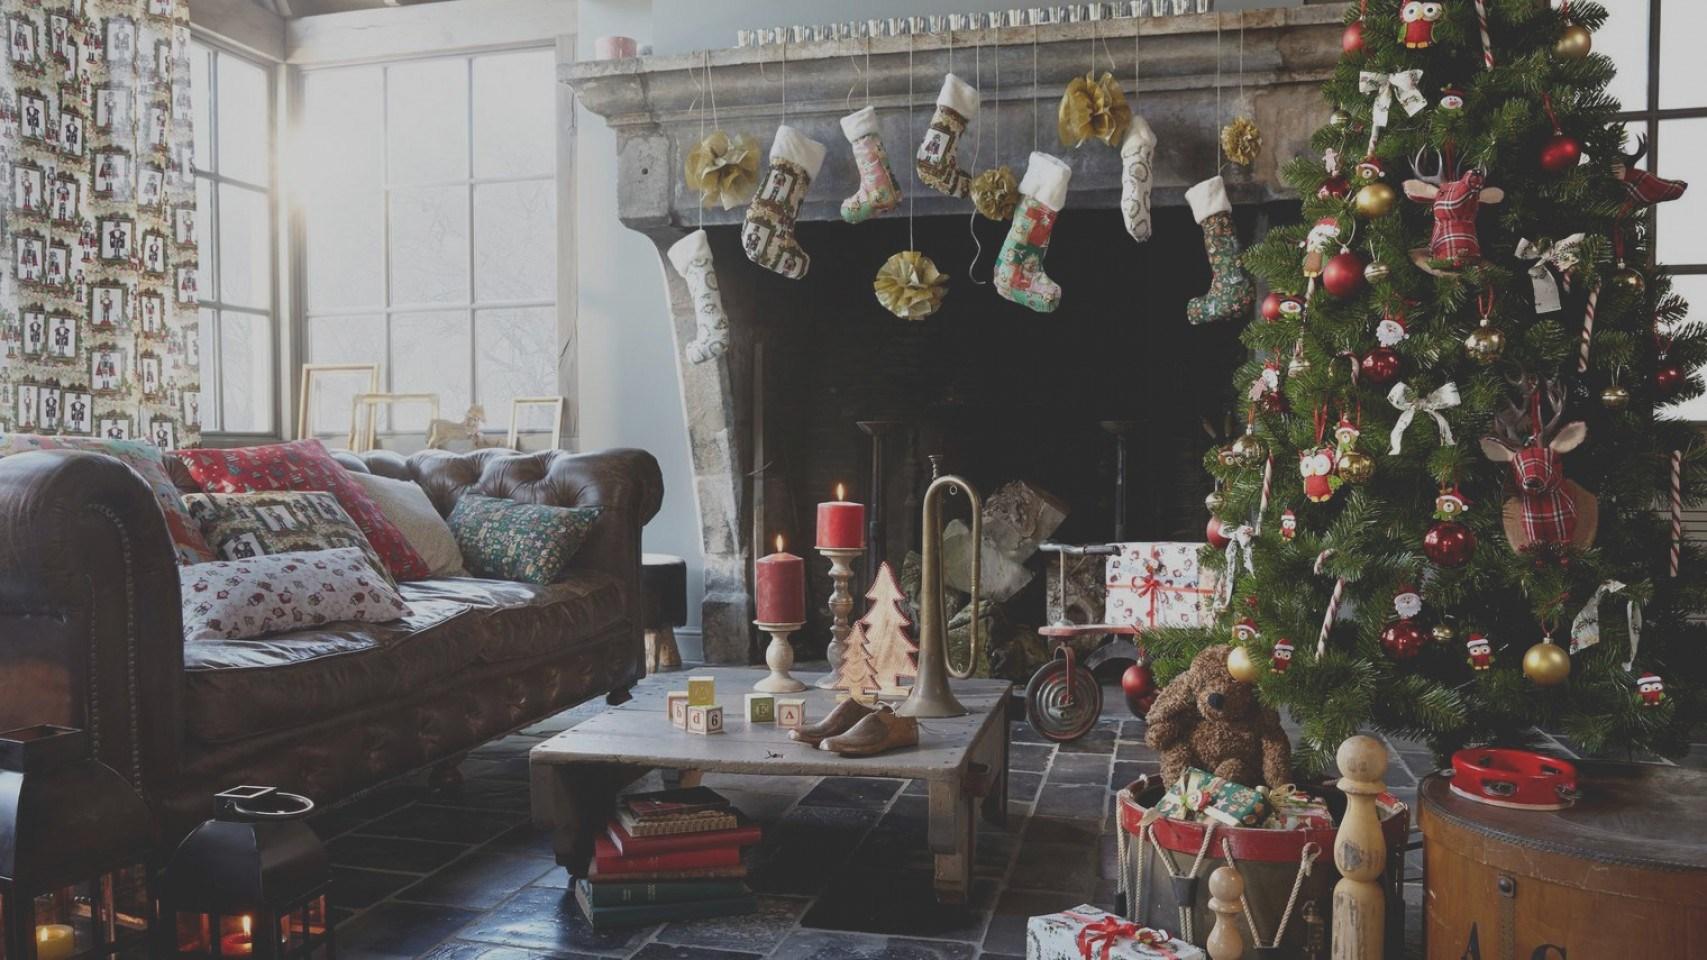 Decoration De Noel Sia.Sia Decoration Maison Design En Image